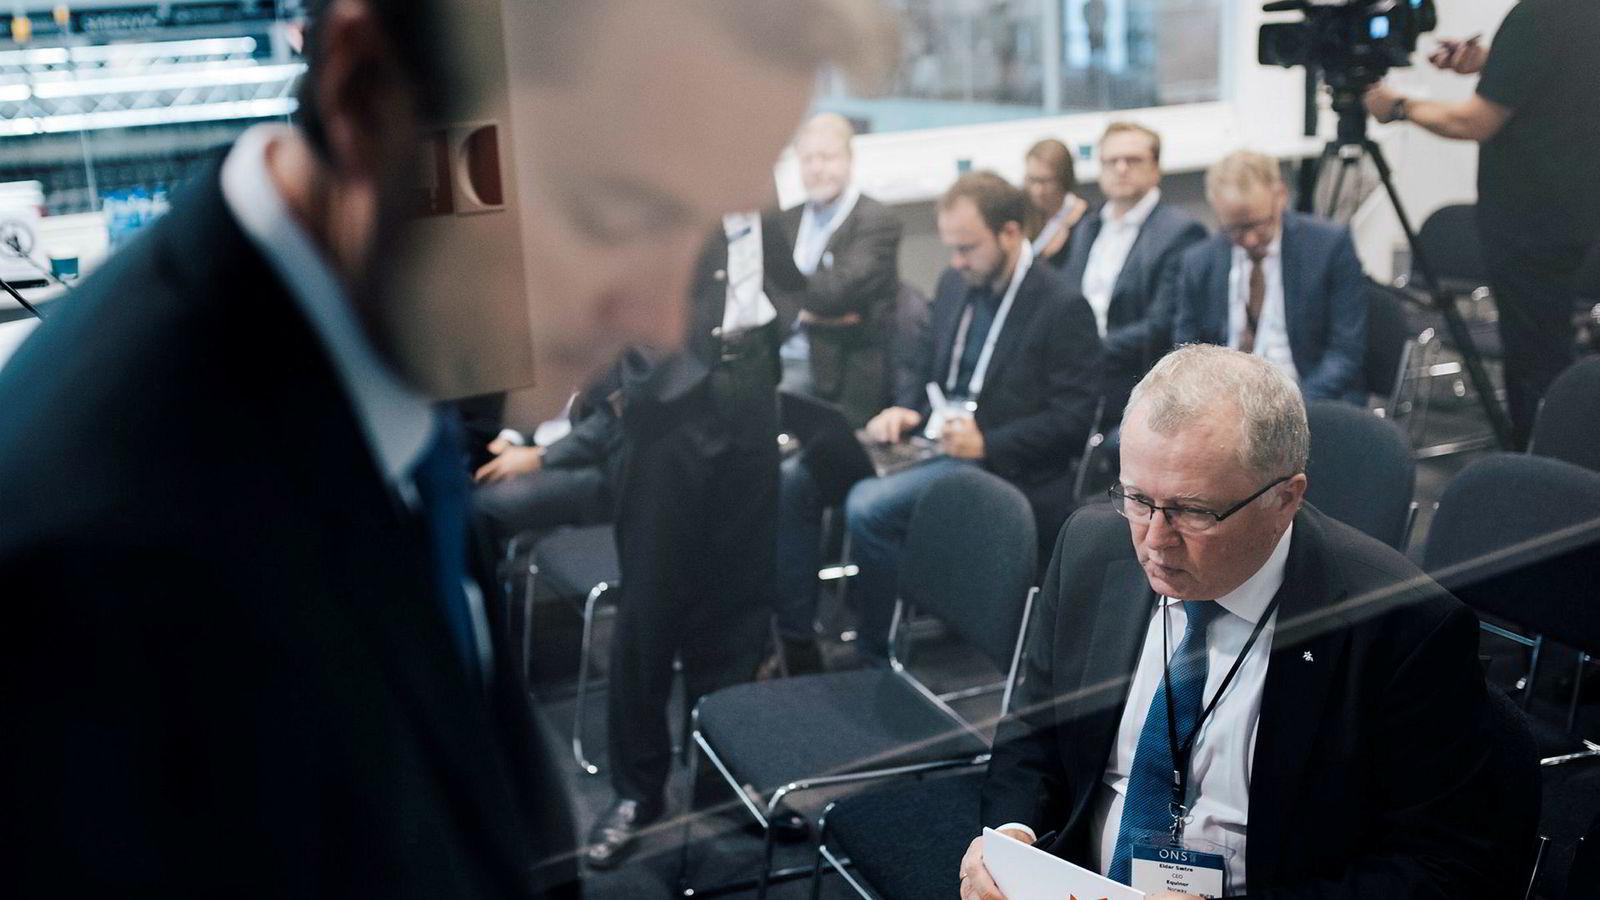 – En jevn oljepris er viktig for olje som en råvare, sier Equinor-sjef Eldar Sætre (til høyre). Sist uke var han tungt til stede under oljemessen i Stavanger sammen med kommunikasjonsdirektør Bård Glad Pedersen (i forgrunnen).